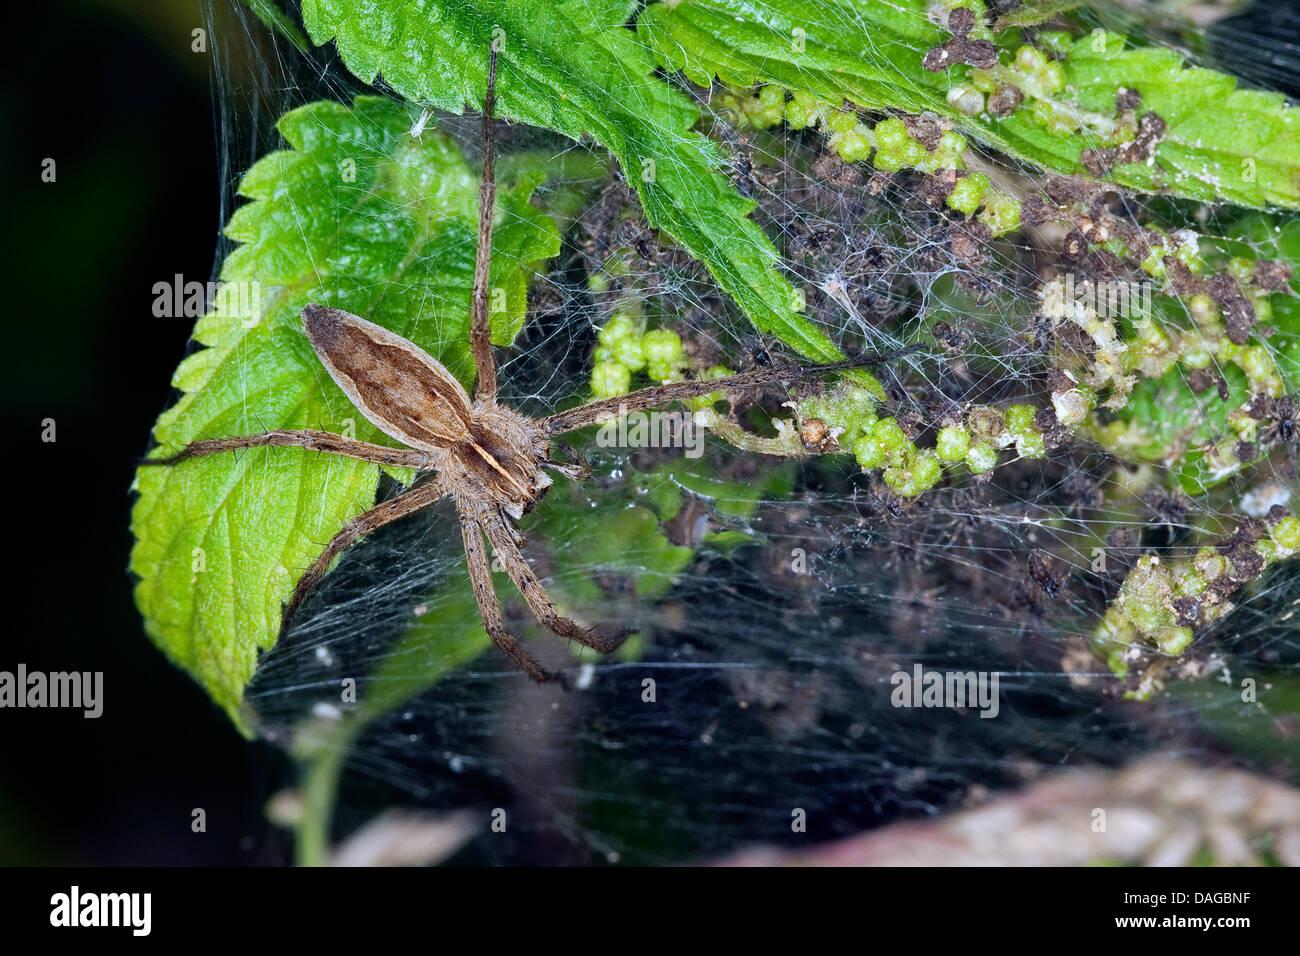 Spider web pépinière pêche fantastique, Pisaura mirabilis (araignée), femal avec de jeunes araignées Photo Stock